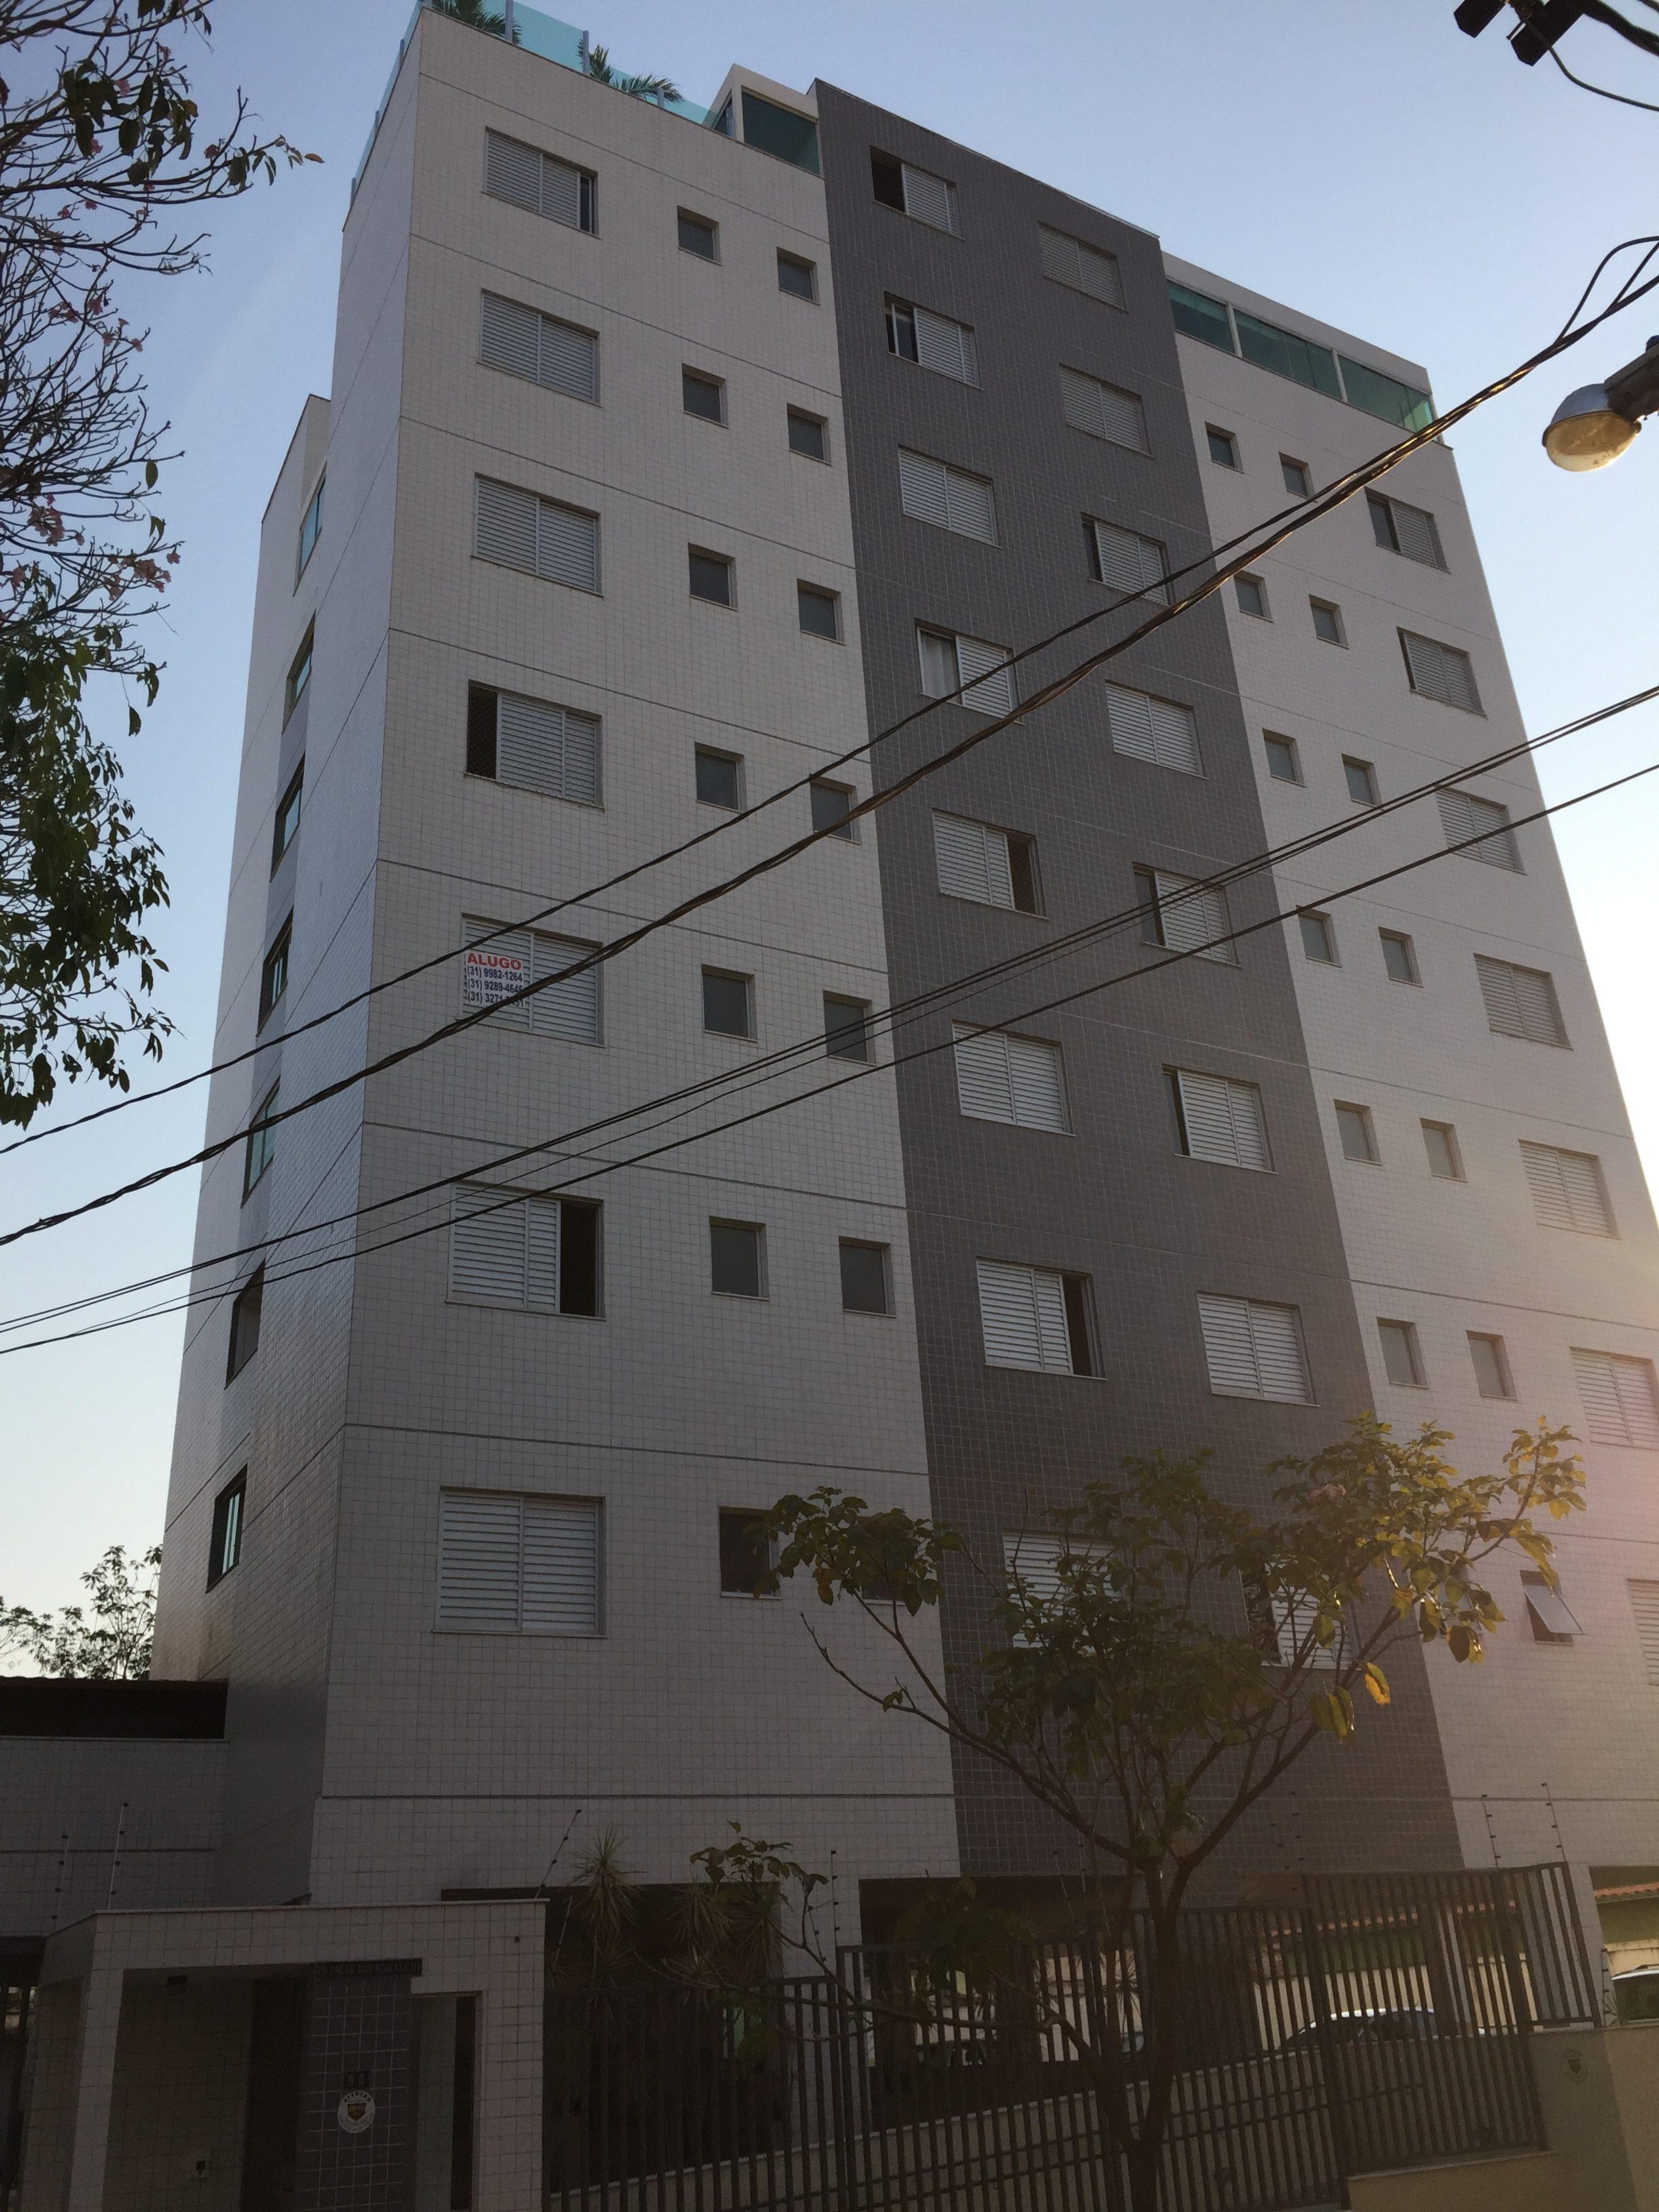 BRA – Apartamento em Belo Horizonte – MG